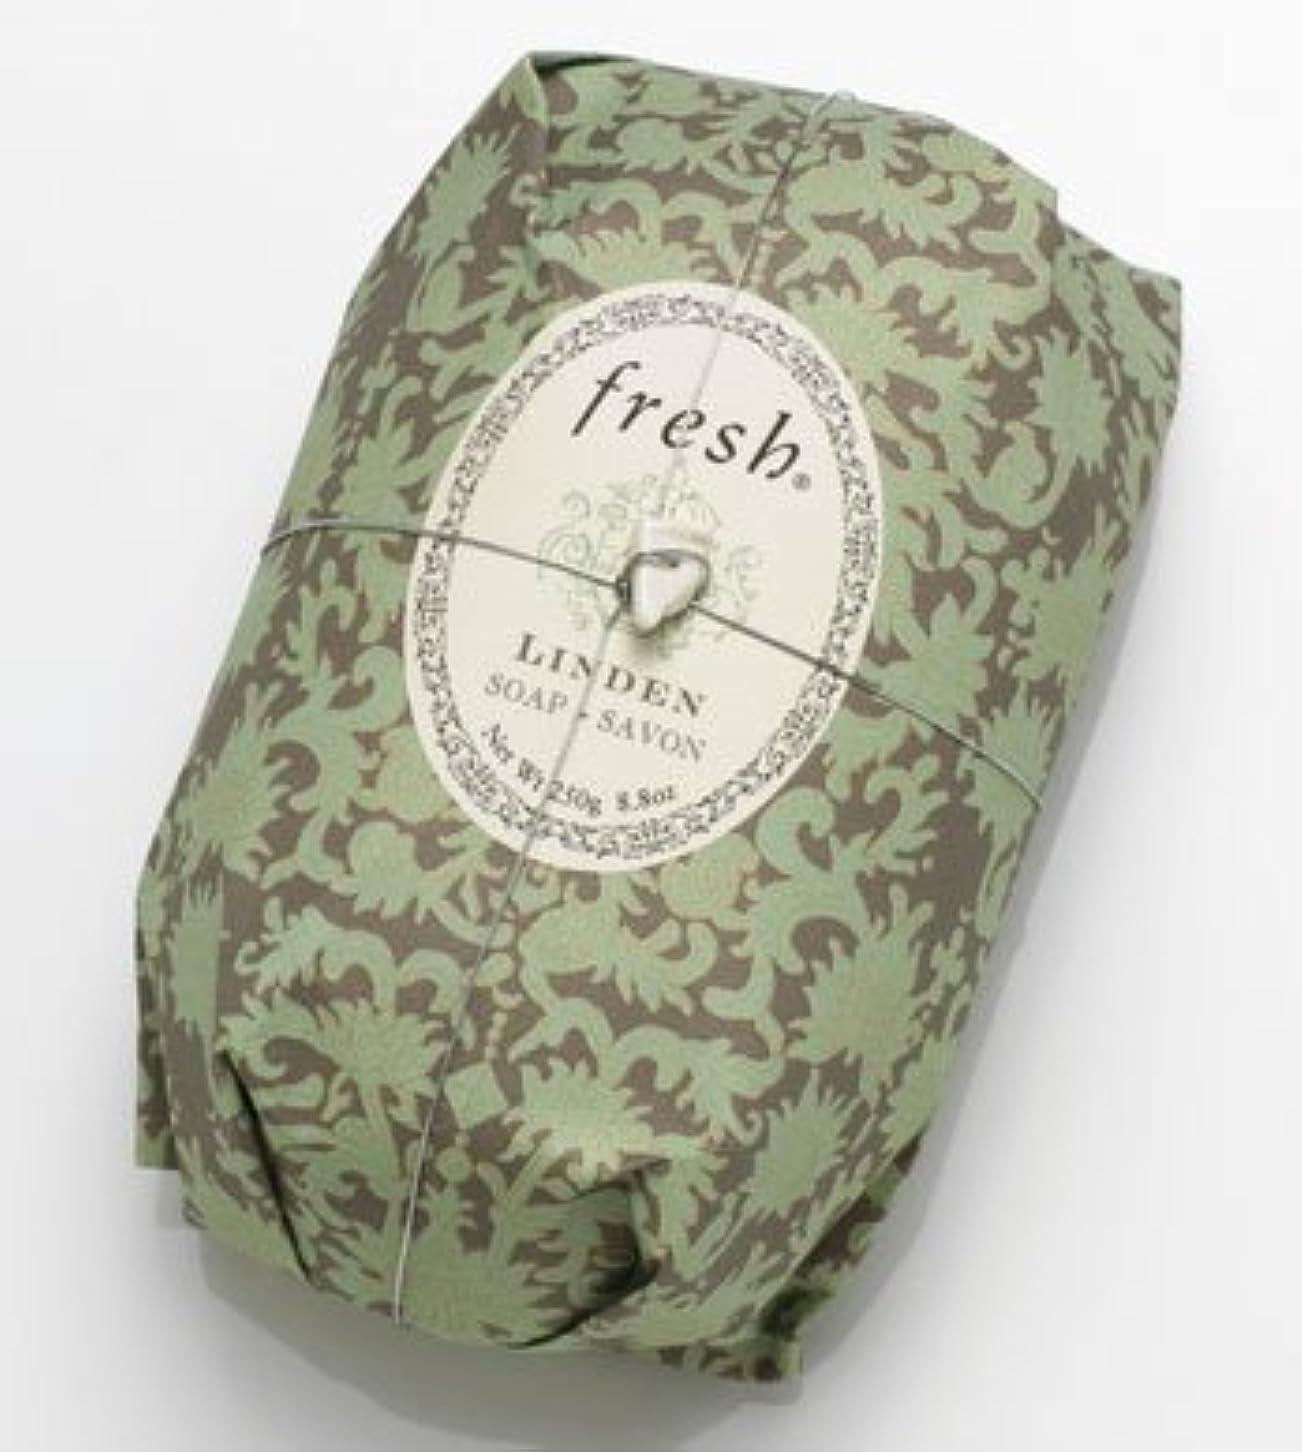 有害な極めて重要な女優Fresh LINDEN SOAP (フレッシュ リンデン ソープ) 8.8 oz (250g) Soap (石鹸) by Fresh